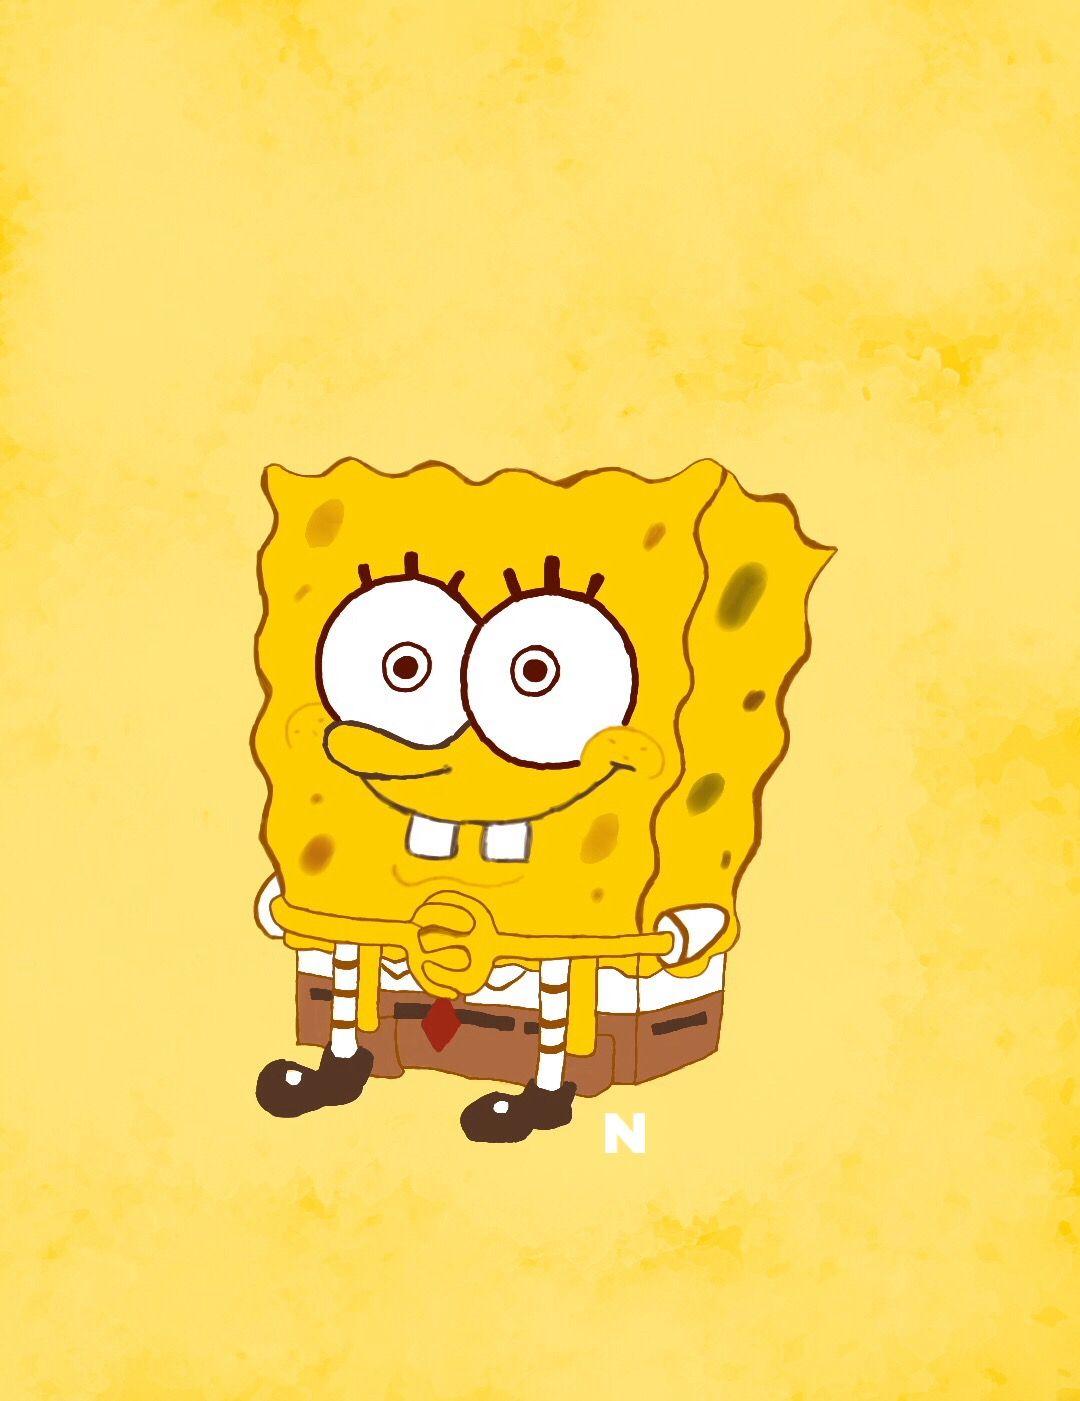 Wallpaper Spongebob And Yellow Image Spongebob Drawings Cartoon Wallpaper Spongebob Wallpaper